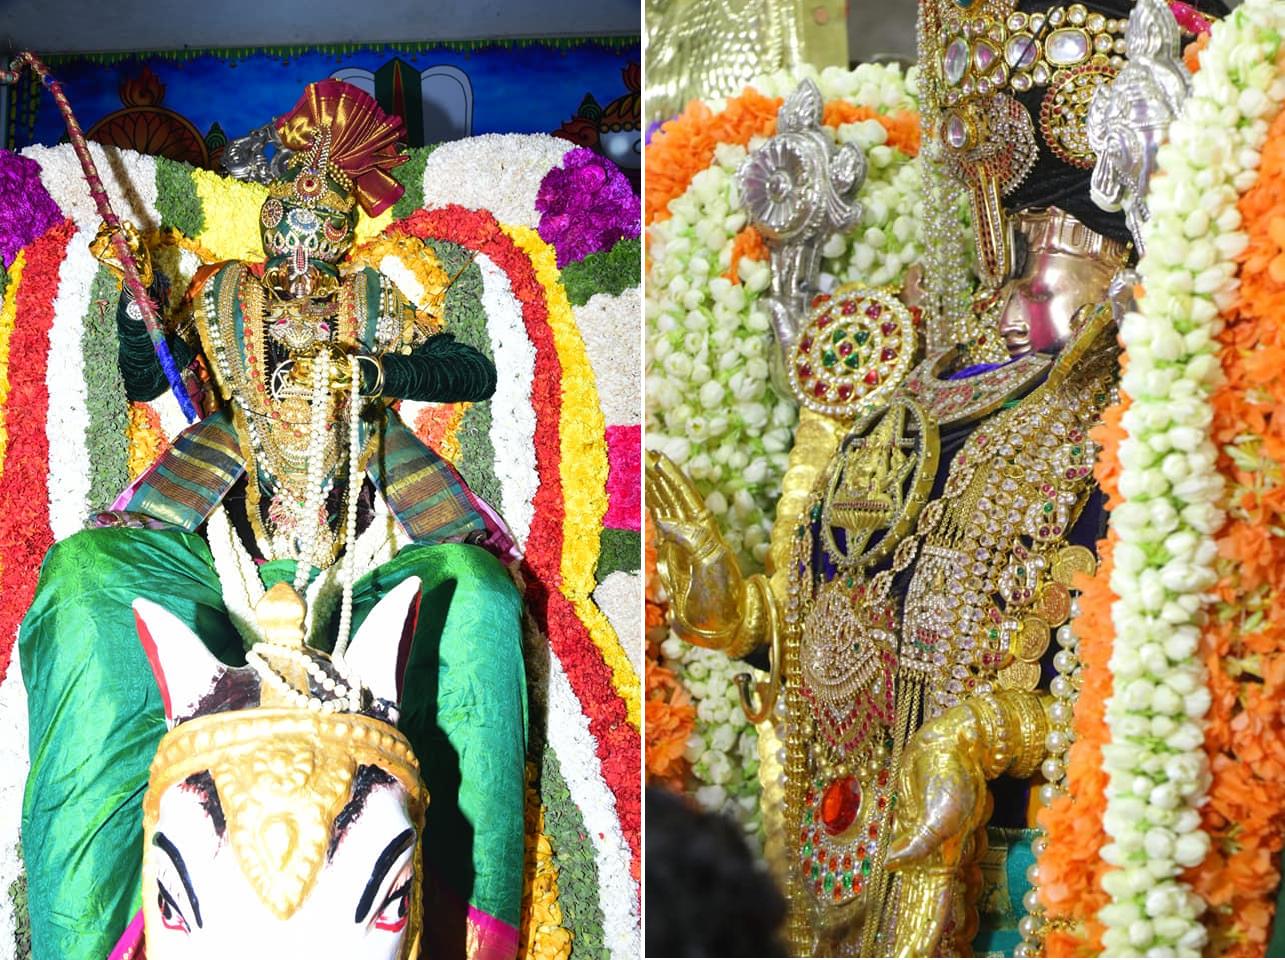 శ్రీ ఖాద్రీ లక్ష్మీ నారసింహుడి ఉత్సవ మూర్తి